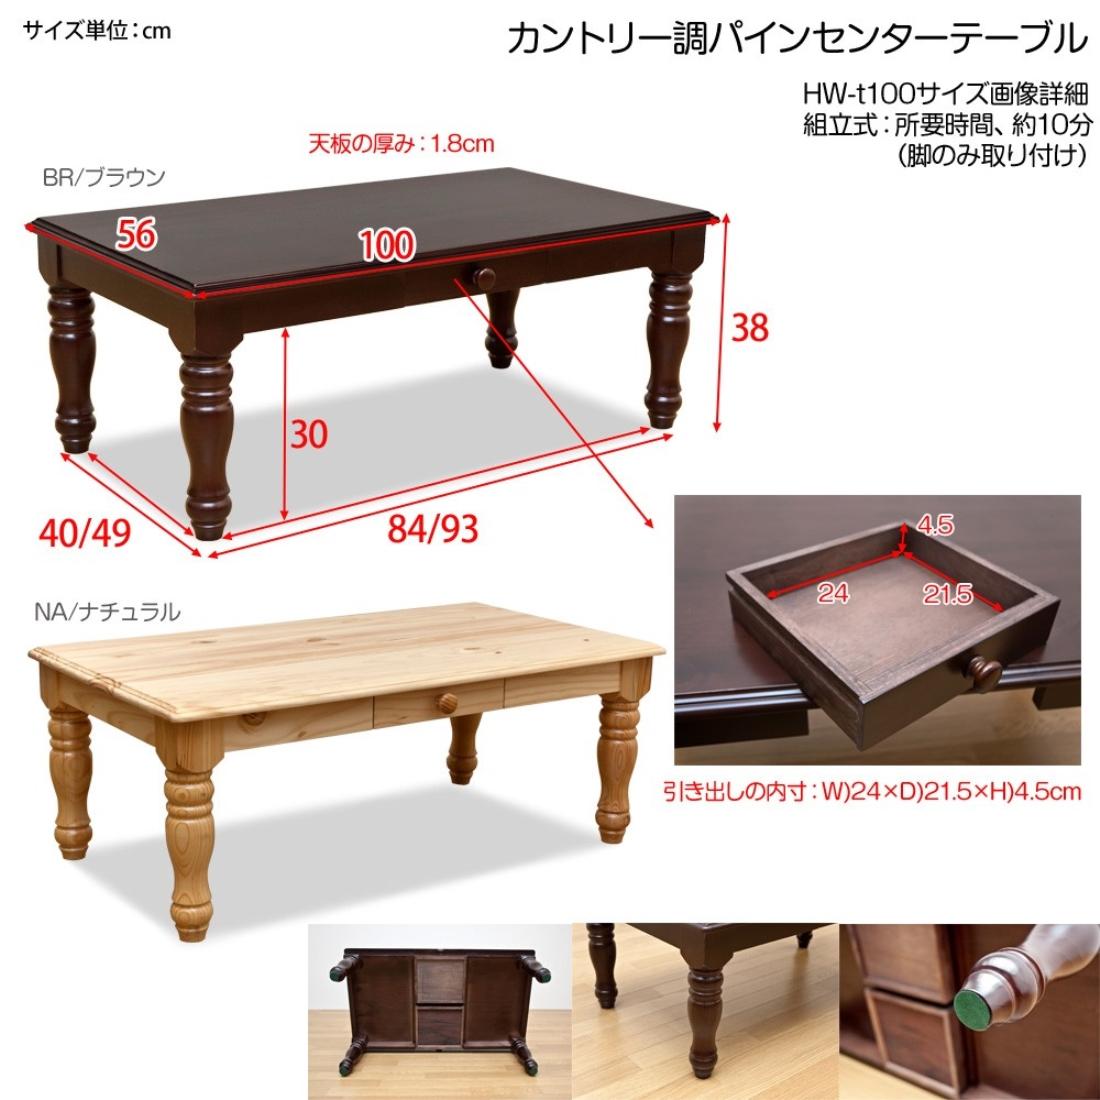 【送料無料】家具 机 テーブル カントリー調パインセンターテーブル【離島・日時指定不可】